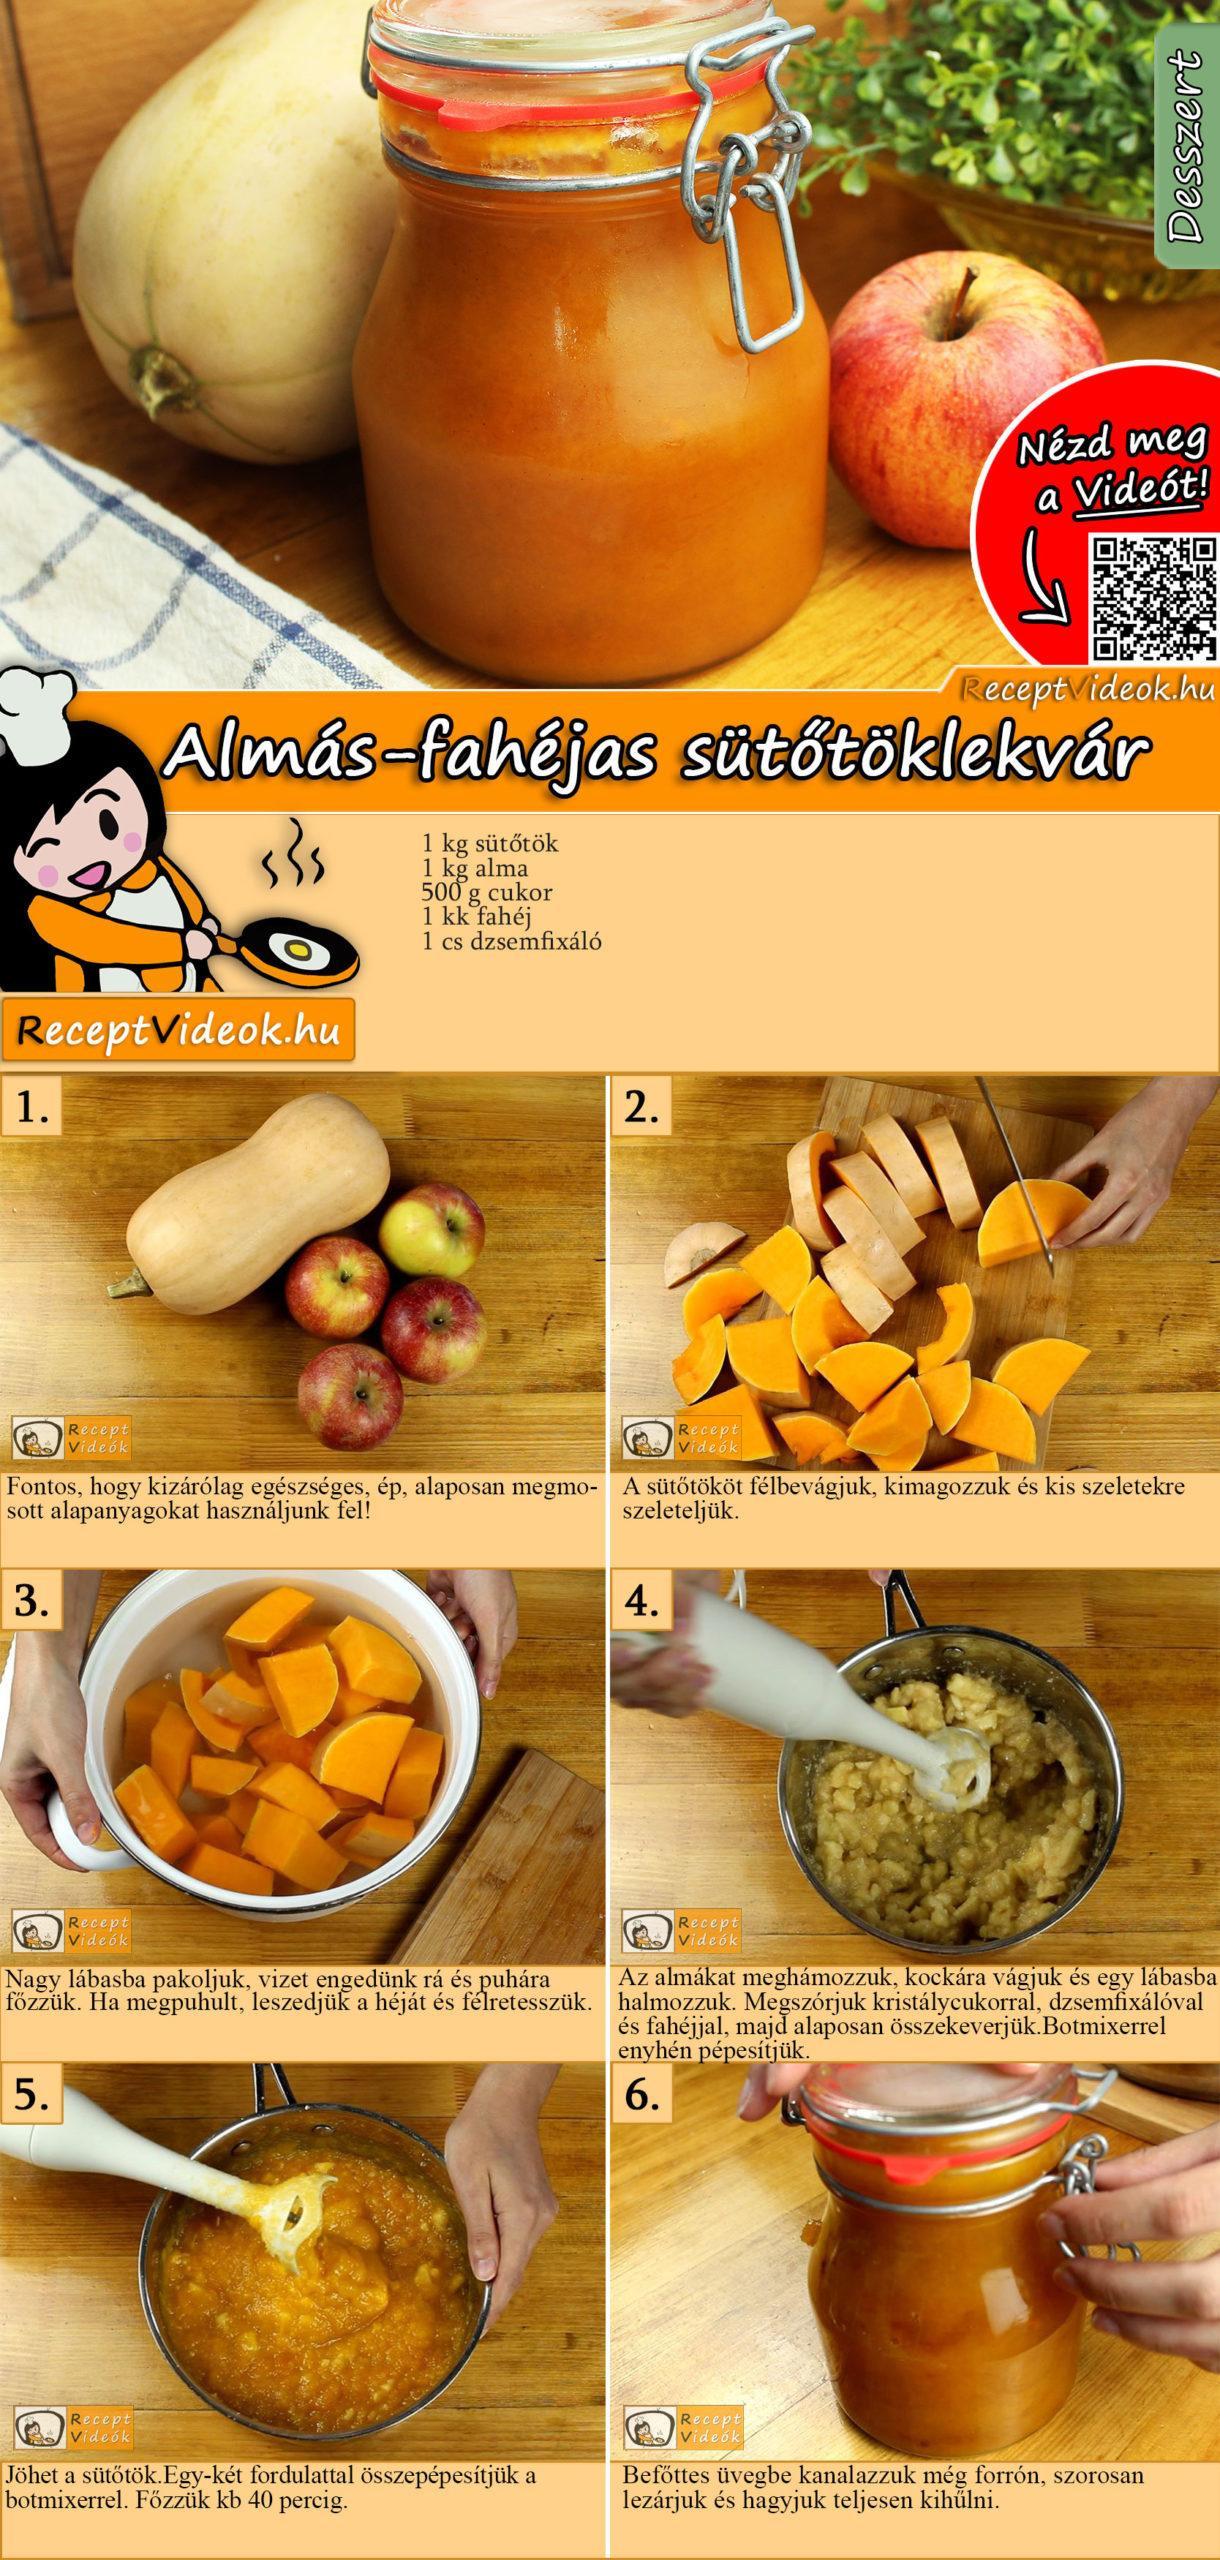 Almás-fahéjas sütőtöklekvár recept elkészitése videóval